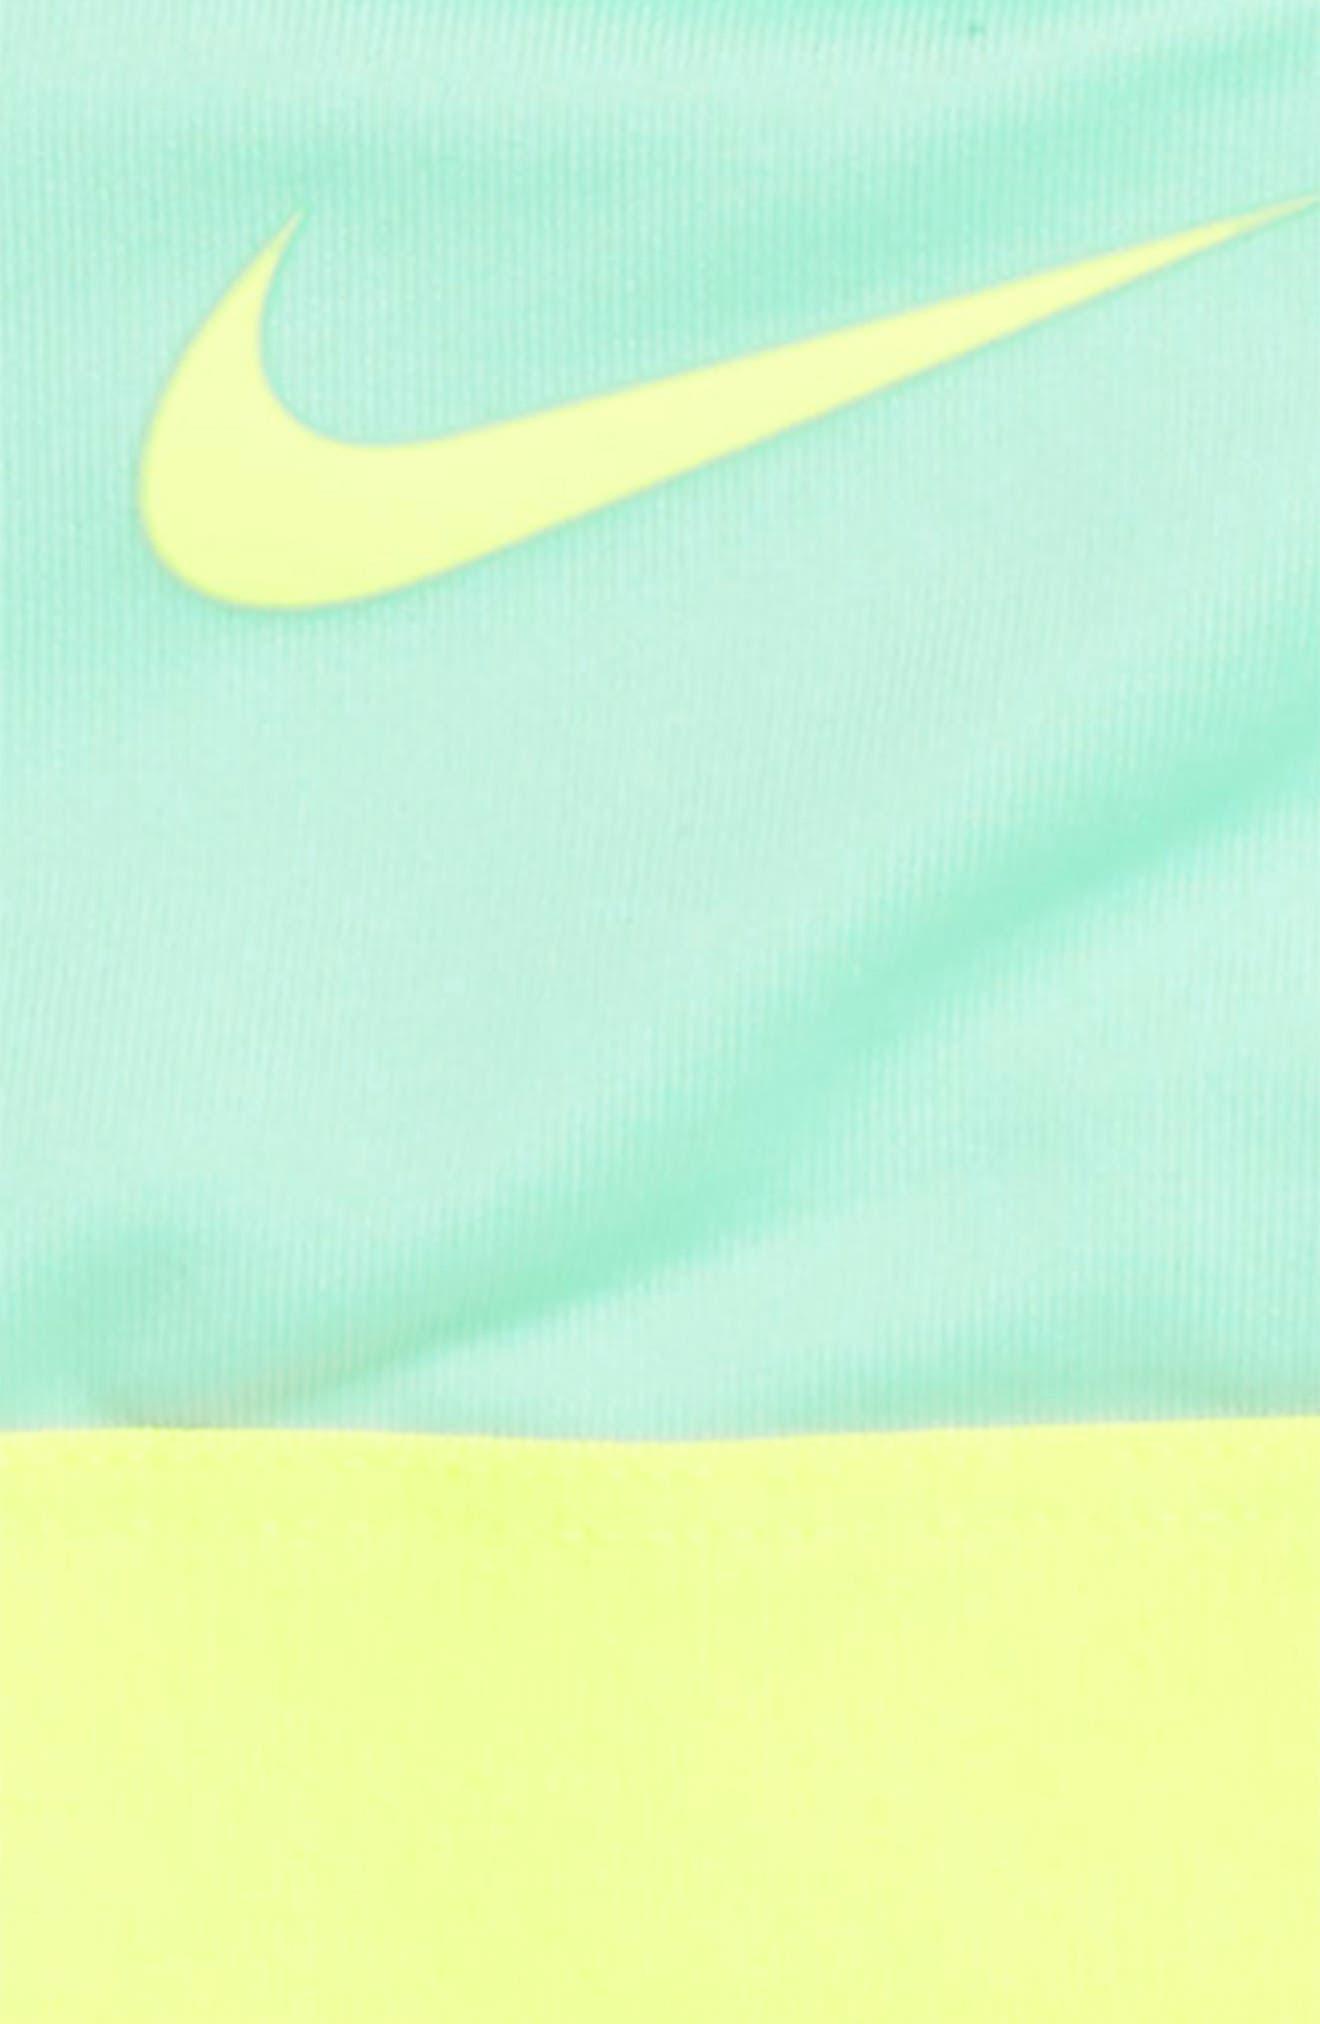 'Pro Classic' Dri-FIT Sports Bra,                             Alternate thumbnail 13, color,